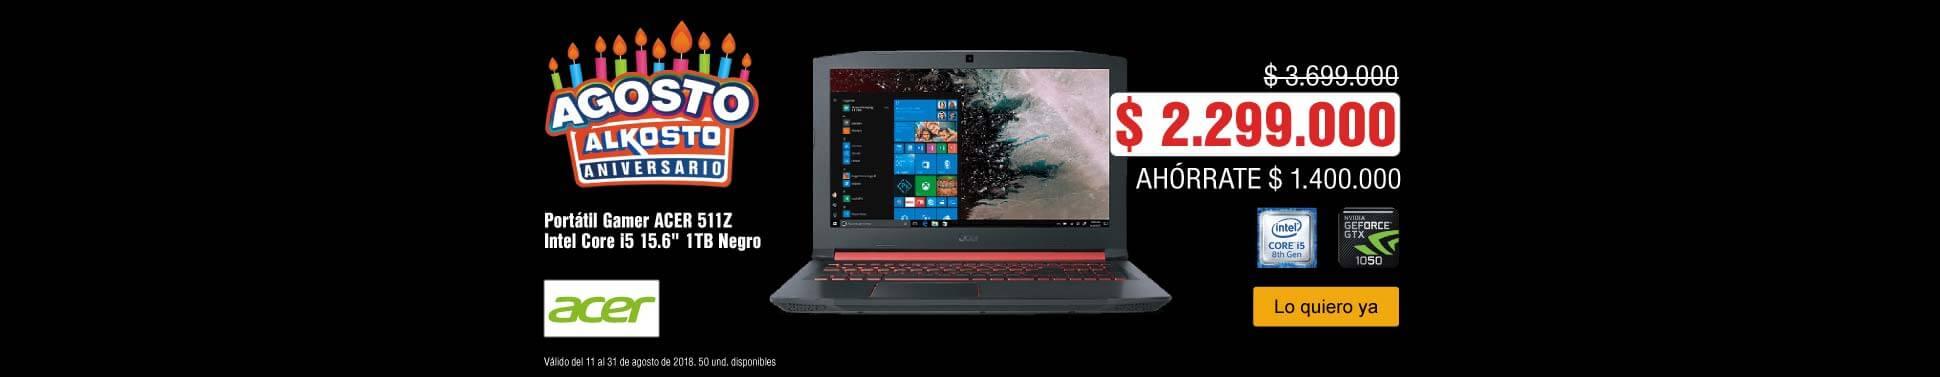 AK-BCAT-1-computadores y tablets-Gaming-PP---Acer-Portátil Gamer 511Z-Ago17